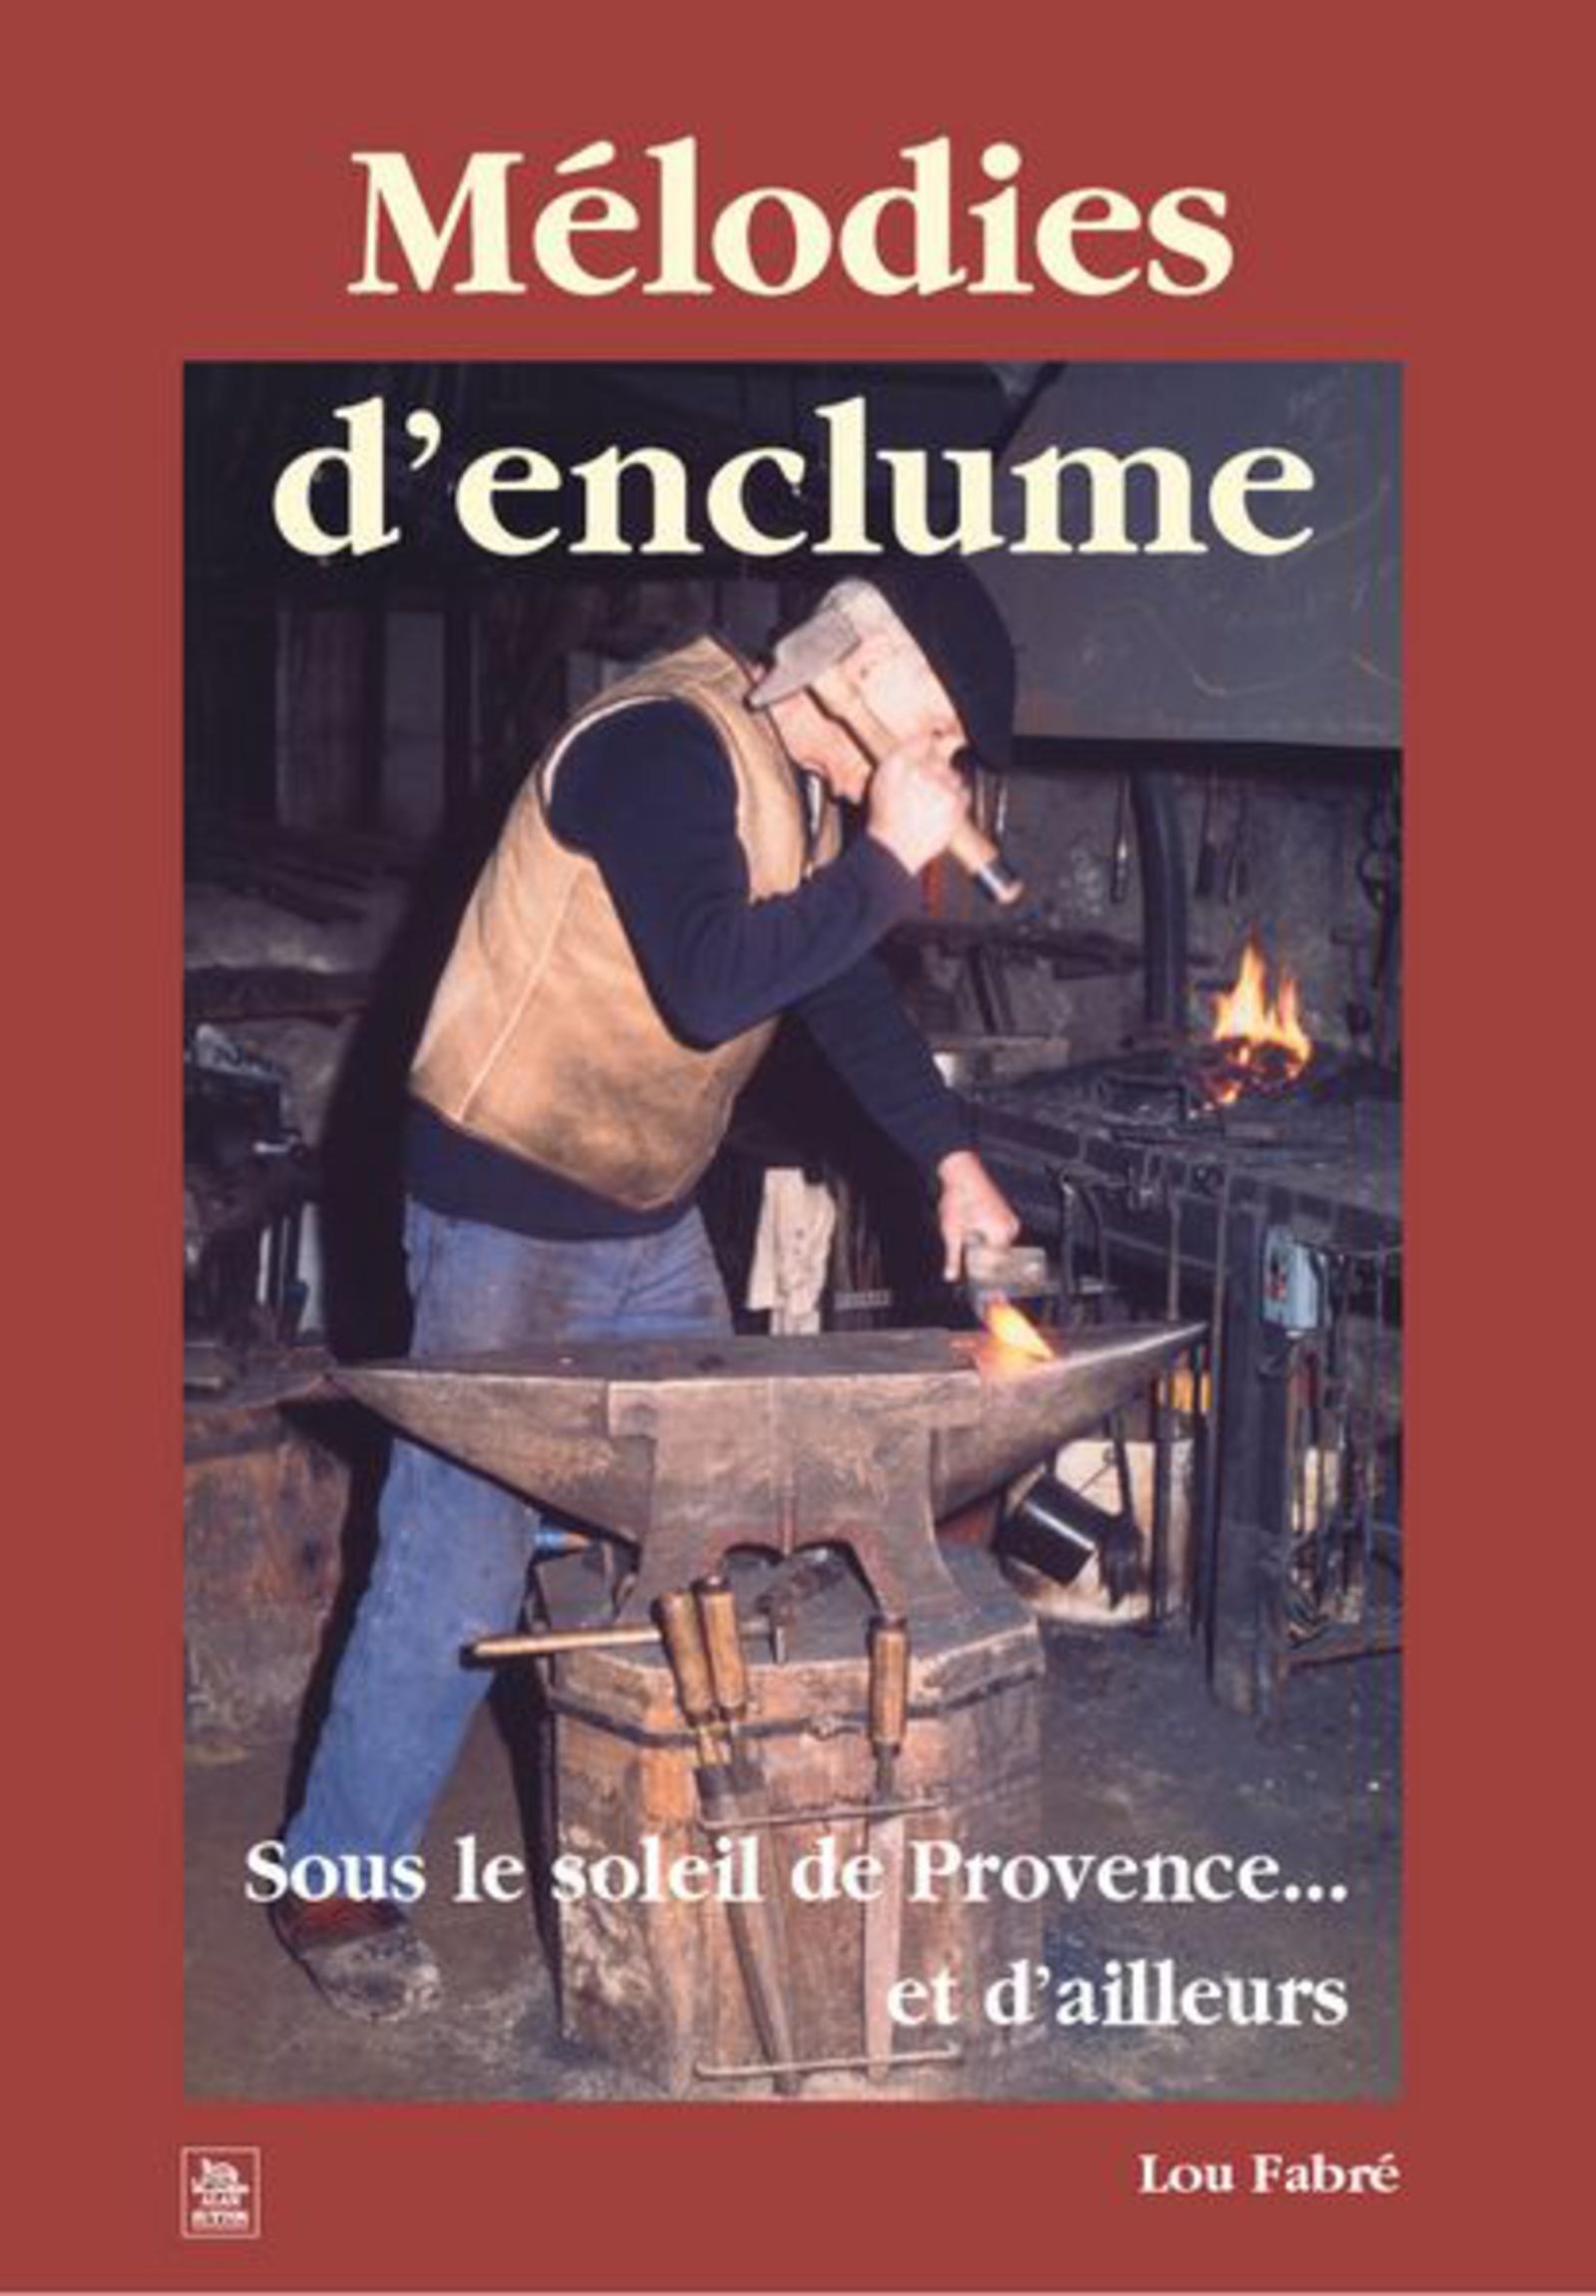 MELODIES D'ENCLUME